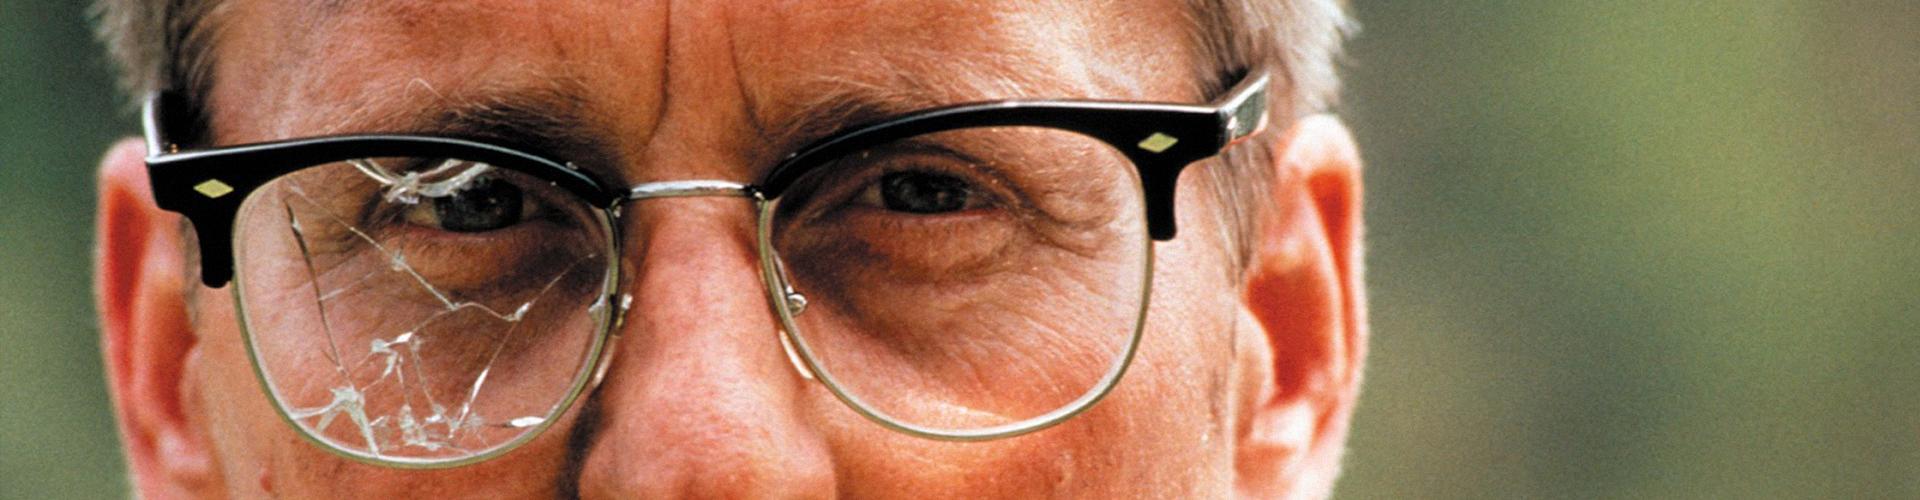 a8f930447 Ray-Ban® e a fama por trás dos óculos. A moda muda, as tendências passam,  as grifes surgem e desaparecem, o que era cool hoje, é chato amanhã.